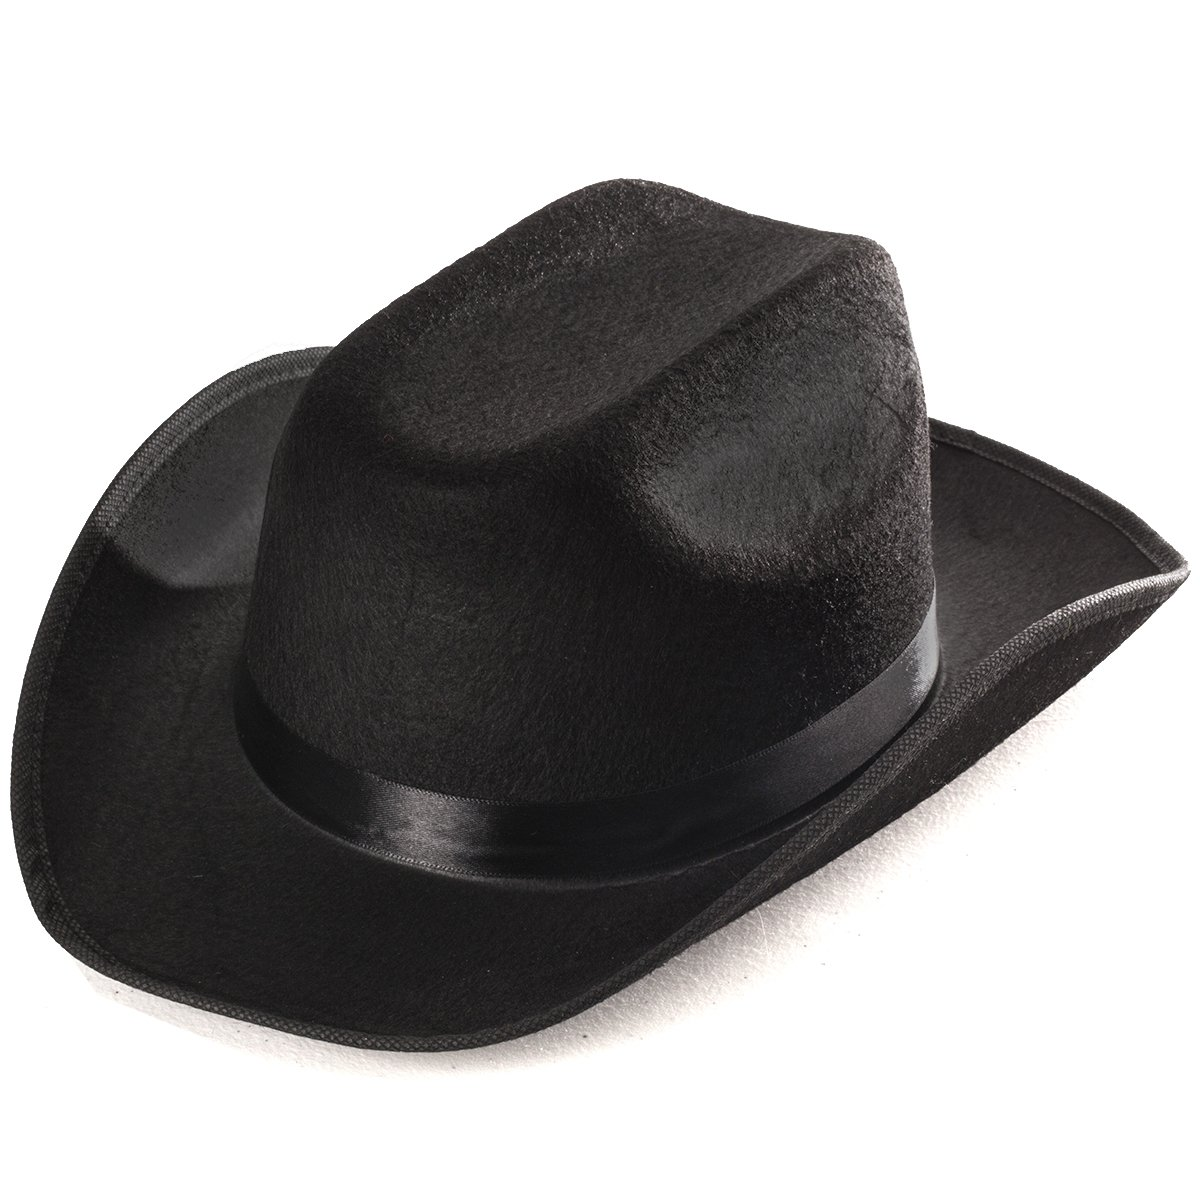 Black Cowboy Hat - Cowboy Hats - Western Hat - Unisex Adult Cowboy Hat -  Cowboy 7c8825dab7fa